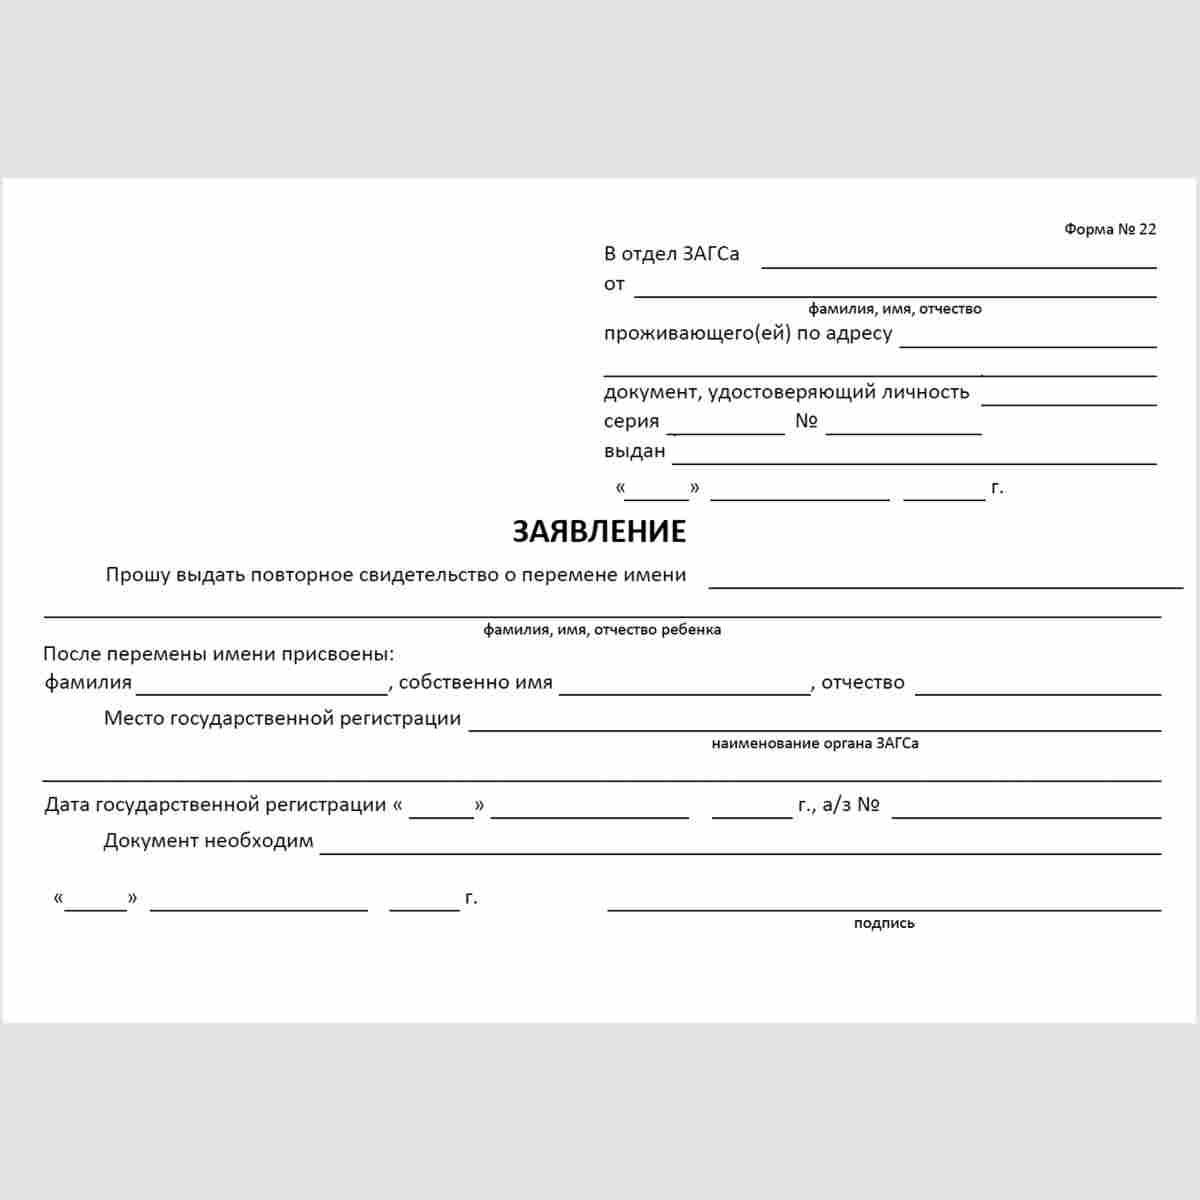 """Форма №22 """"Заявление о выдаче повторного свидетельства о перемене имени"""""""